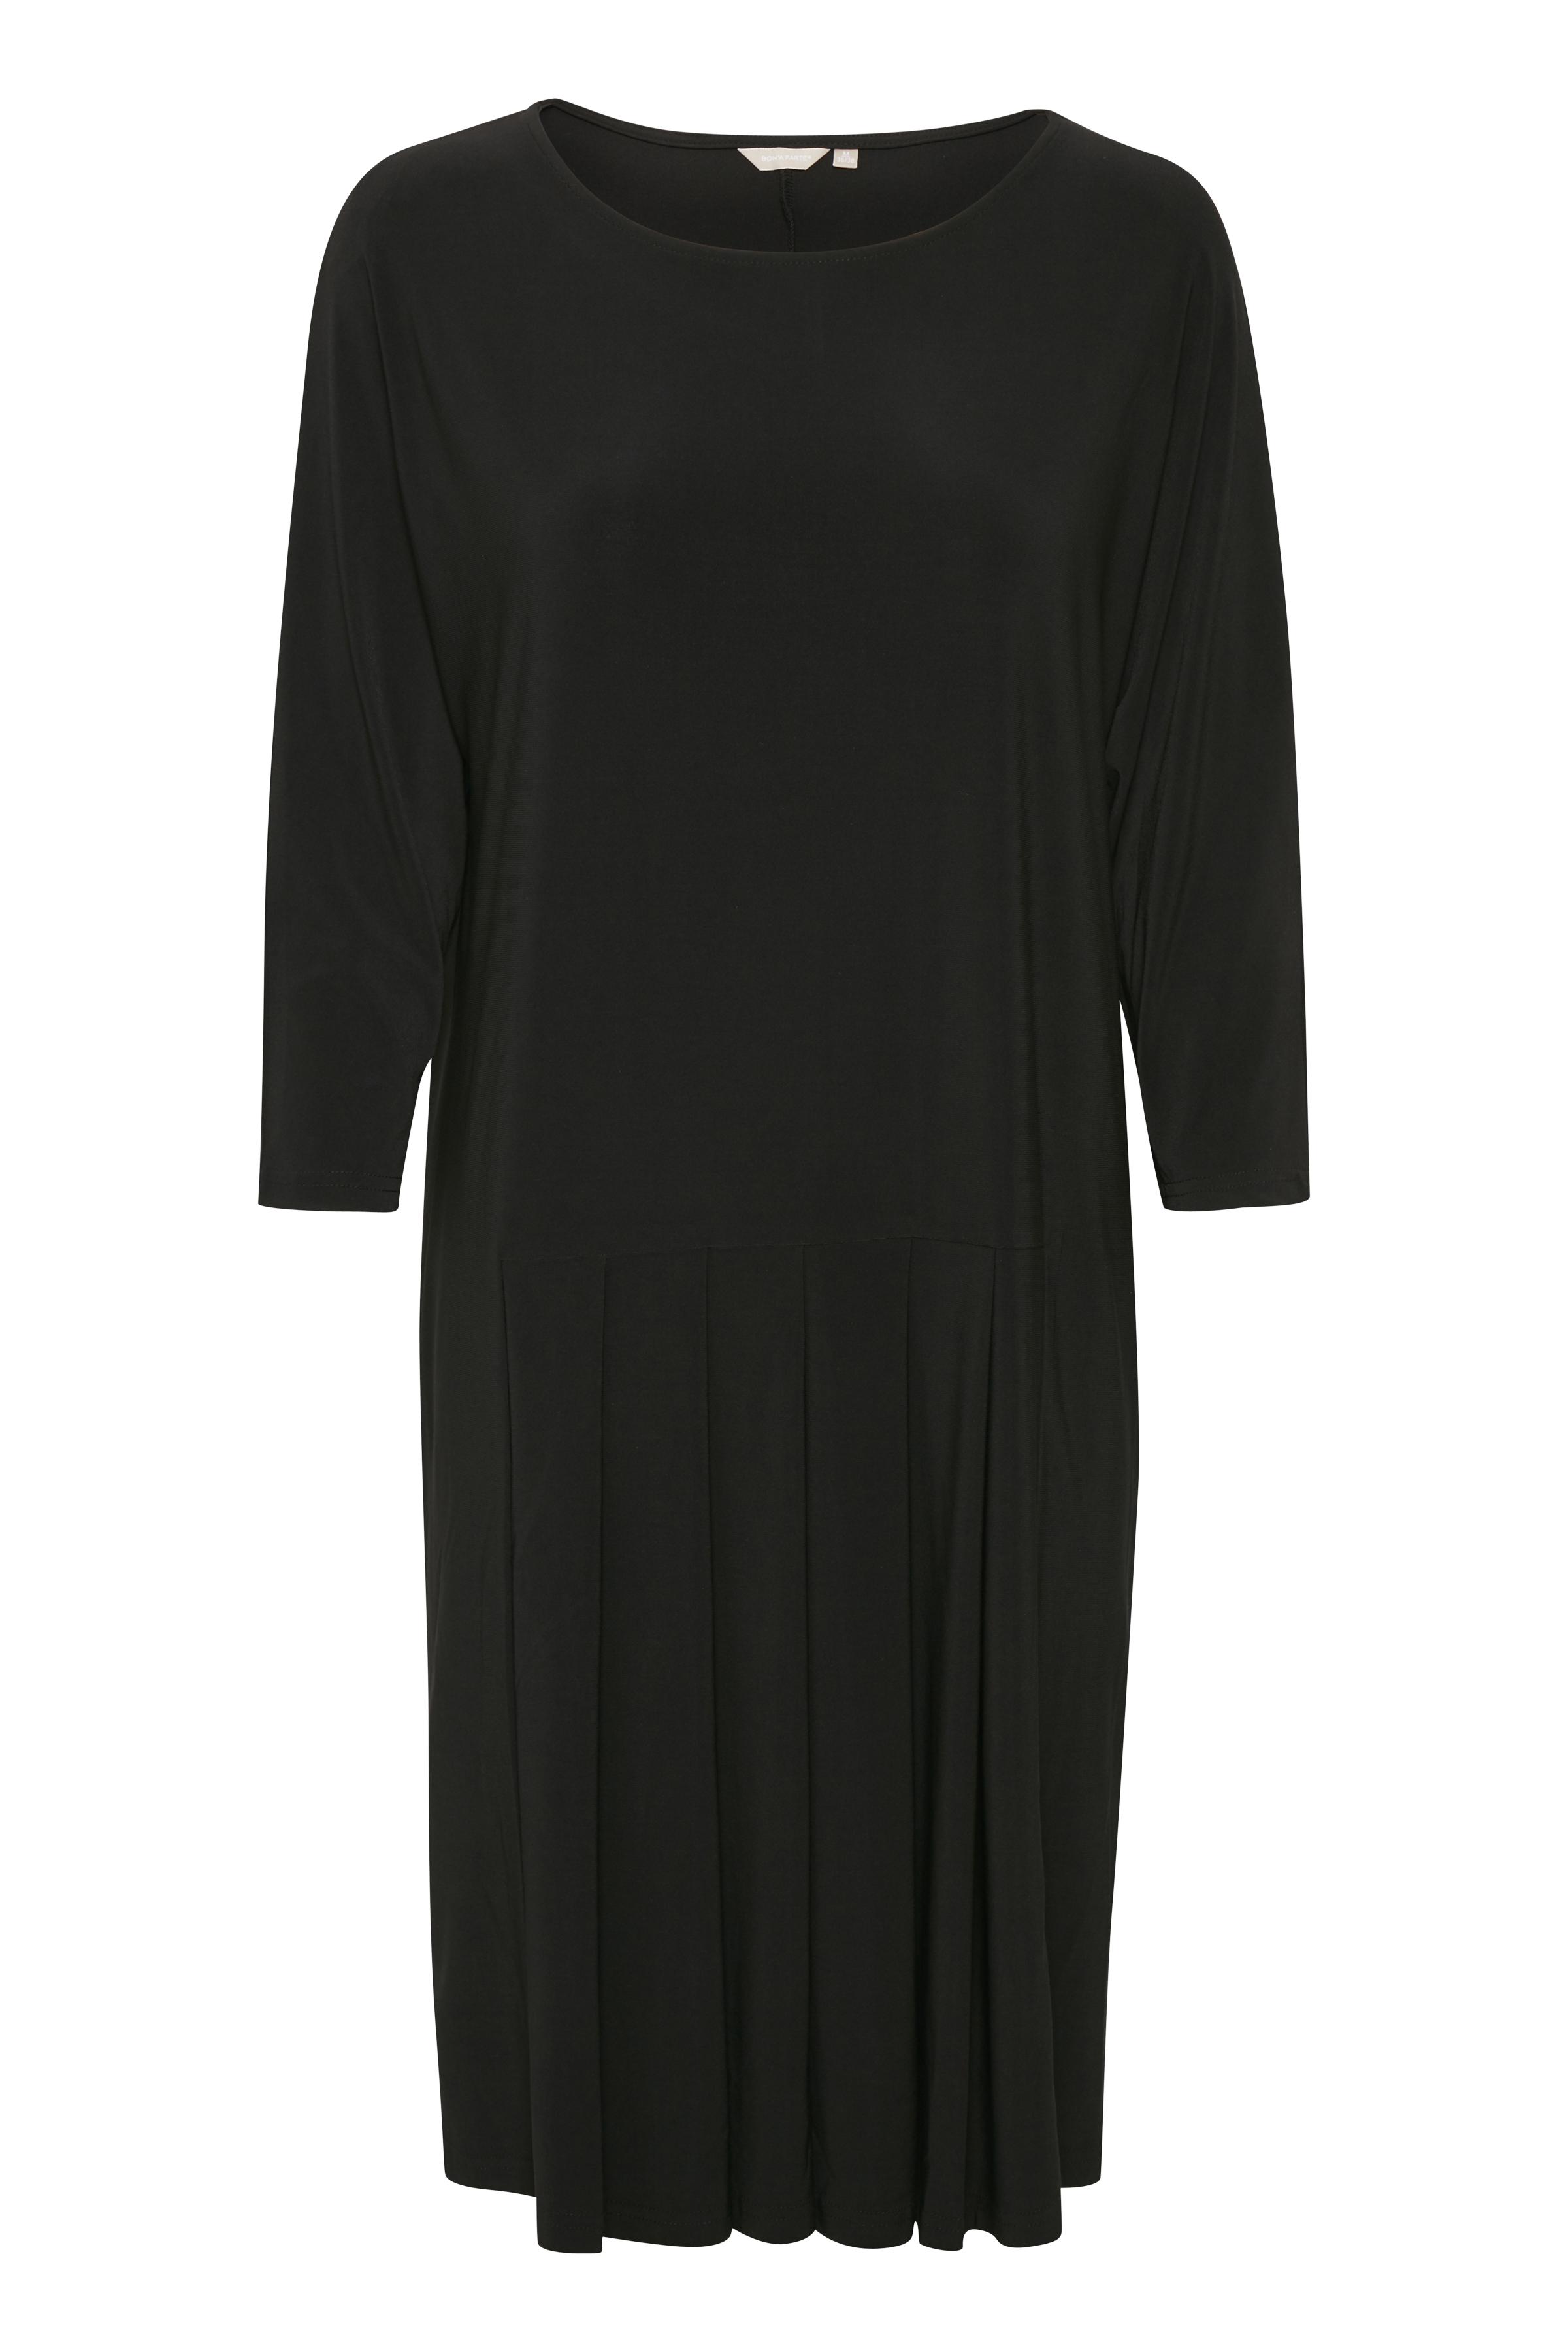 BonA Parte Dame Junny kjole med rund hals og ærmer med albuelængde. Kjolen - Sort